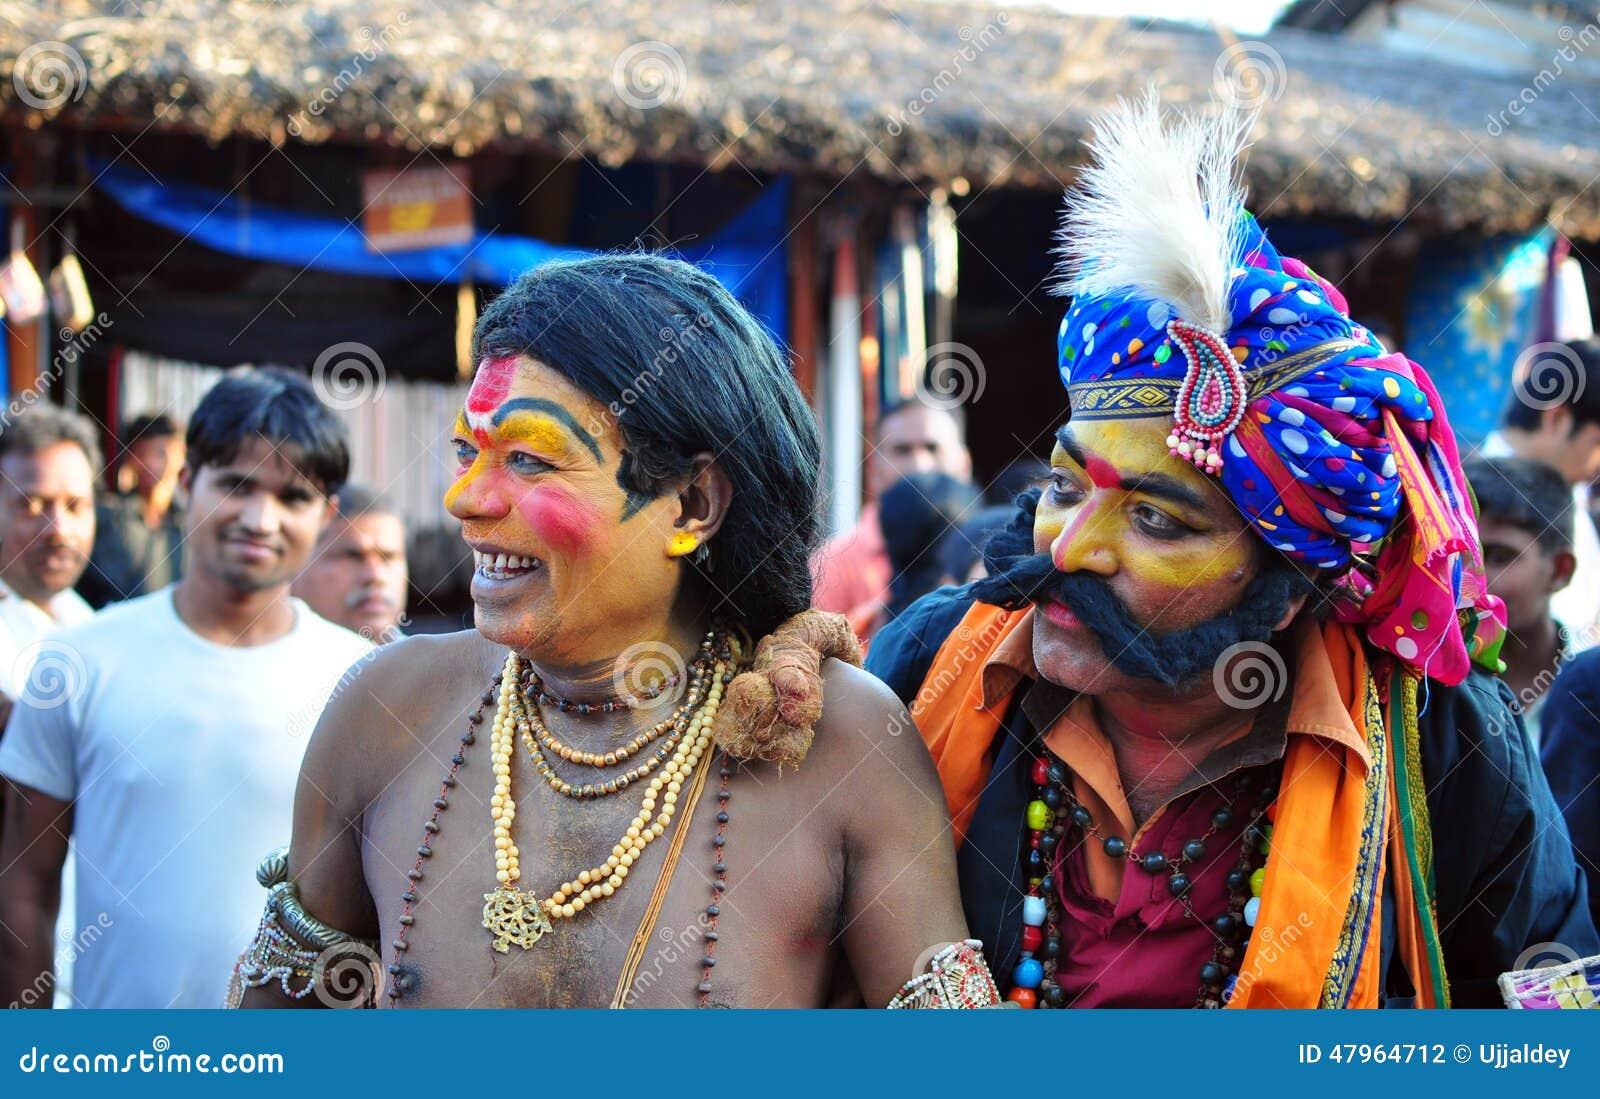 De mensen kleedden zich omhoog als mythologische karakters in India